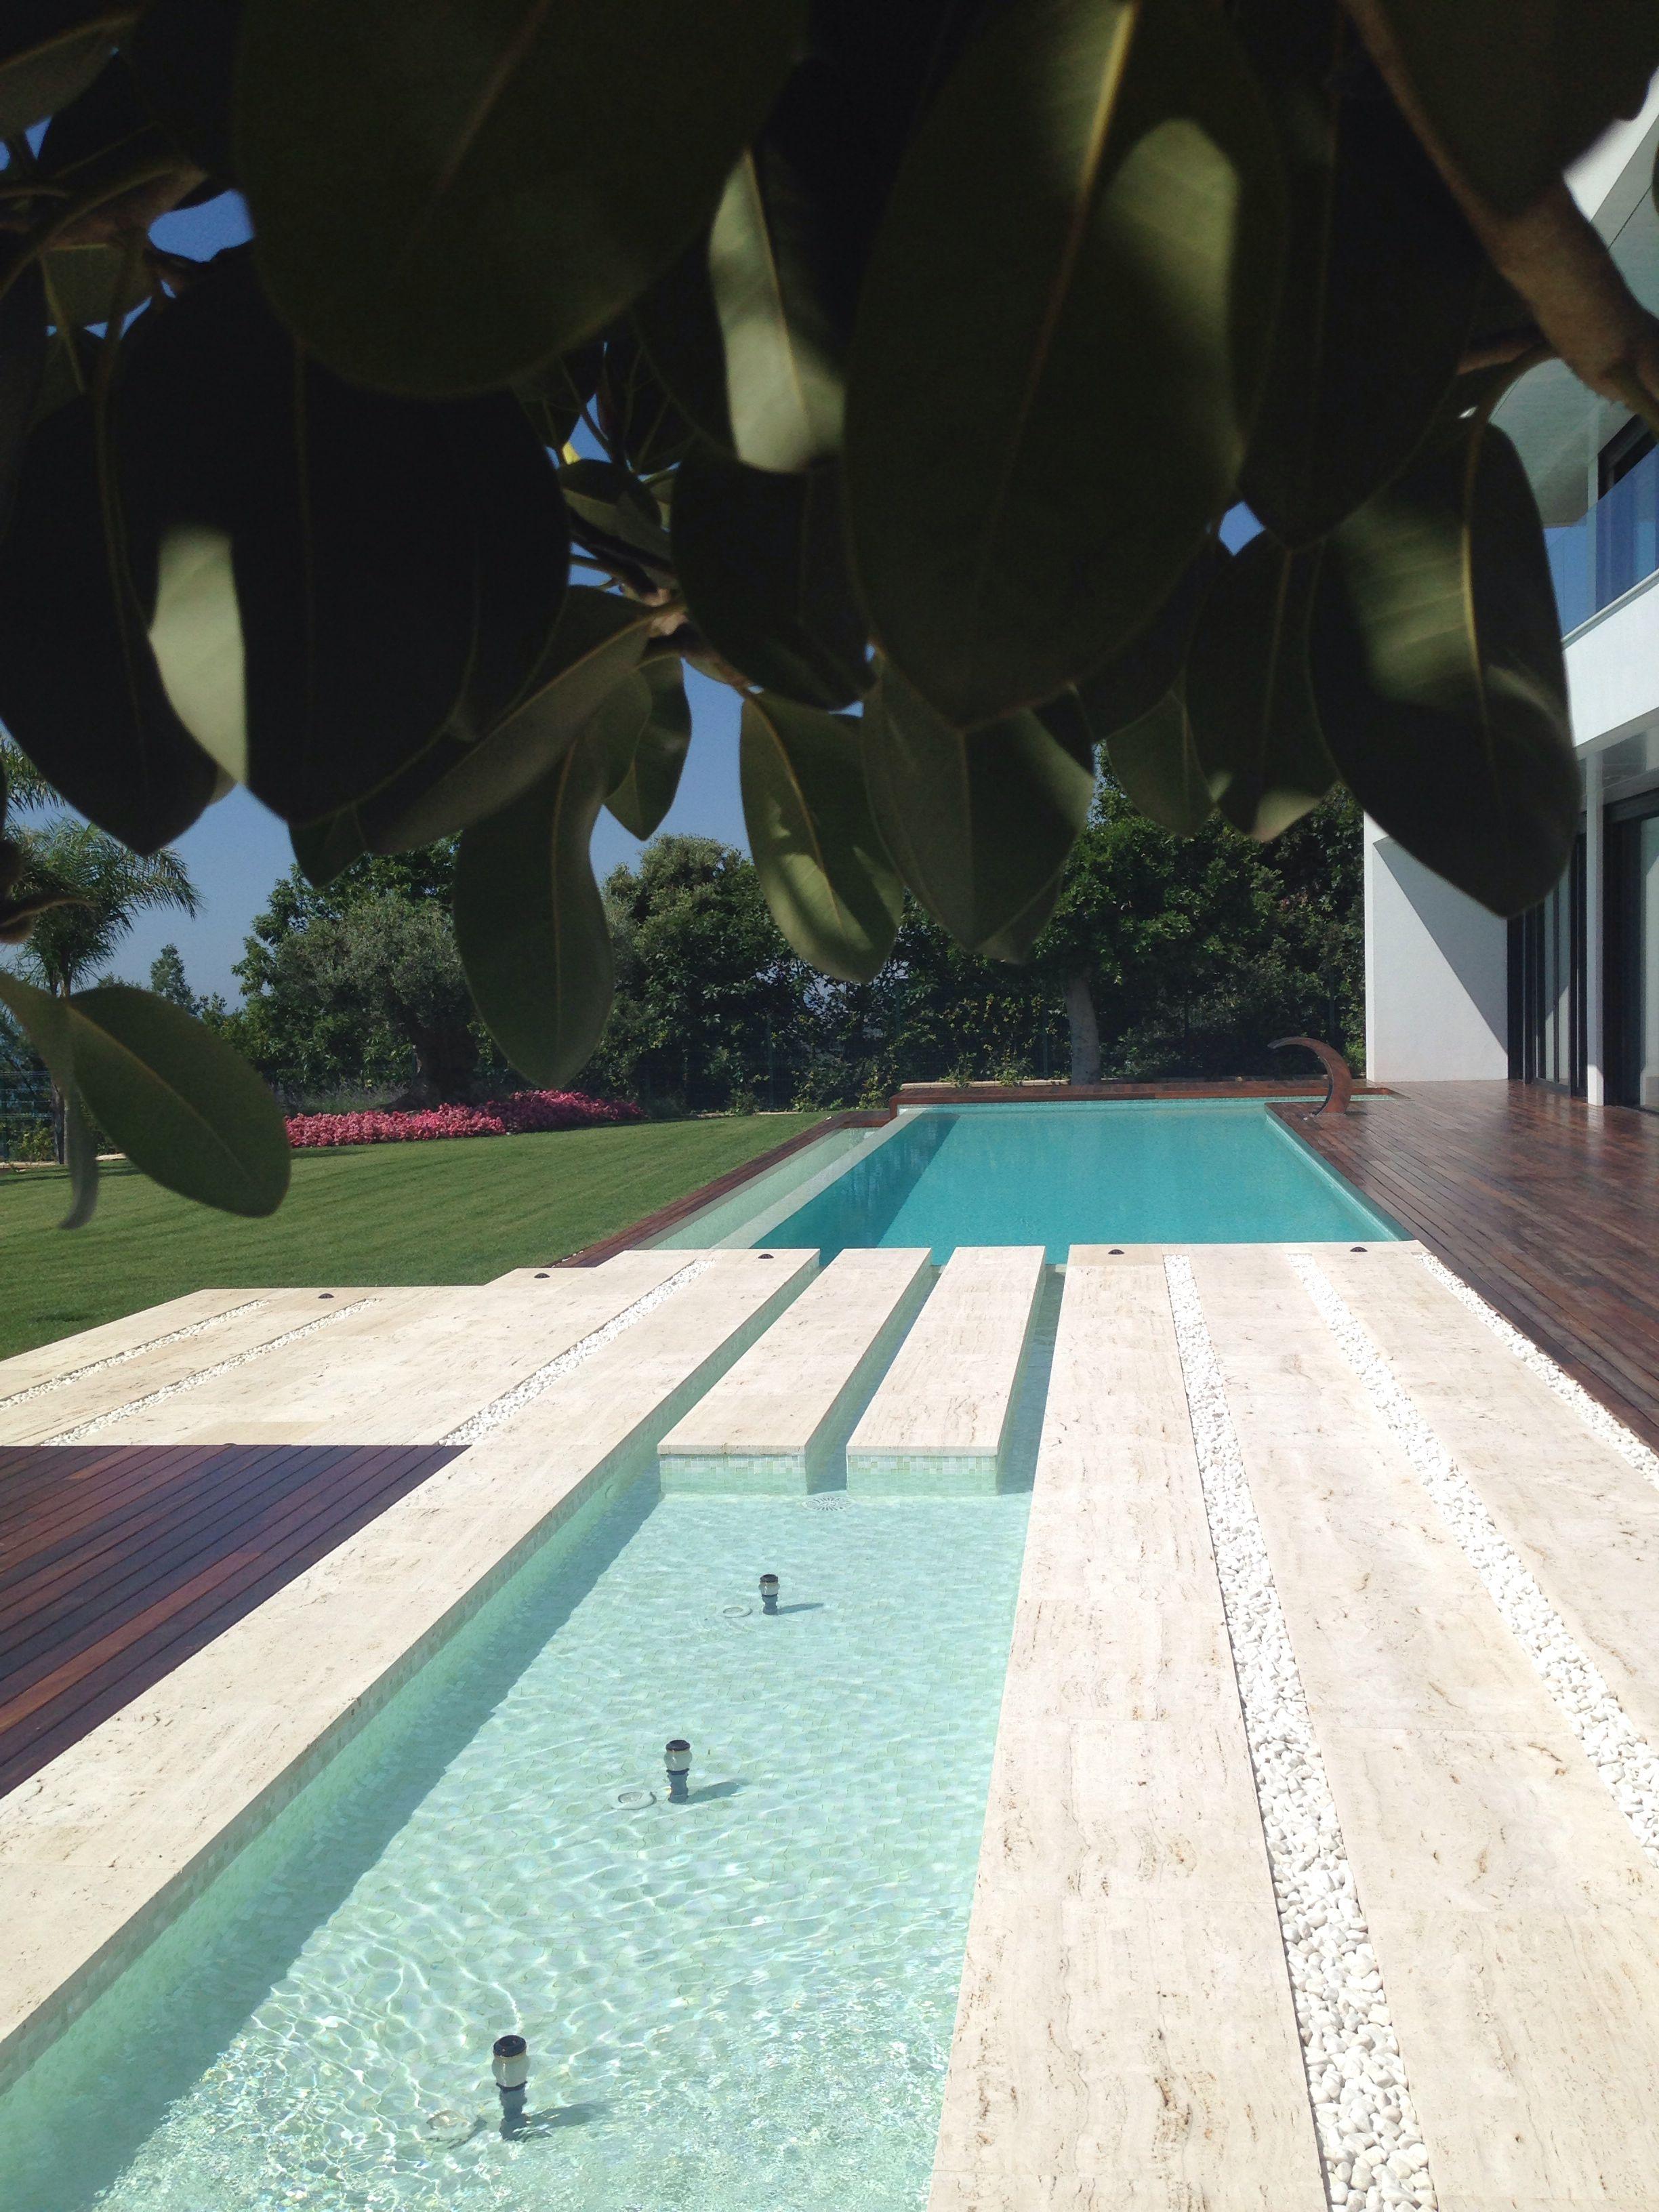 Piscina y fuente en llavaneras barcelona jardin dise ado for Diseno de fuente de jardin al aire libre